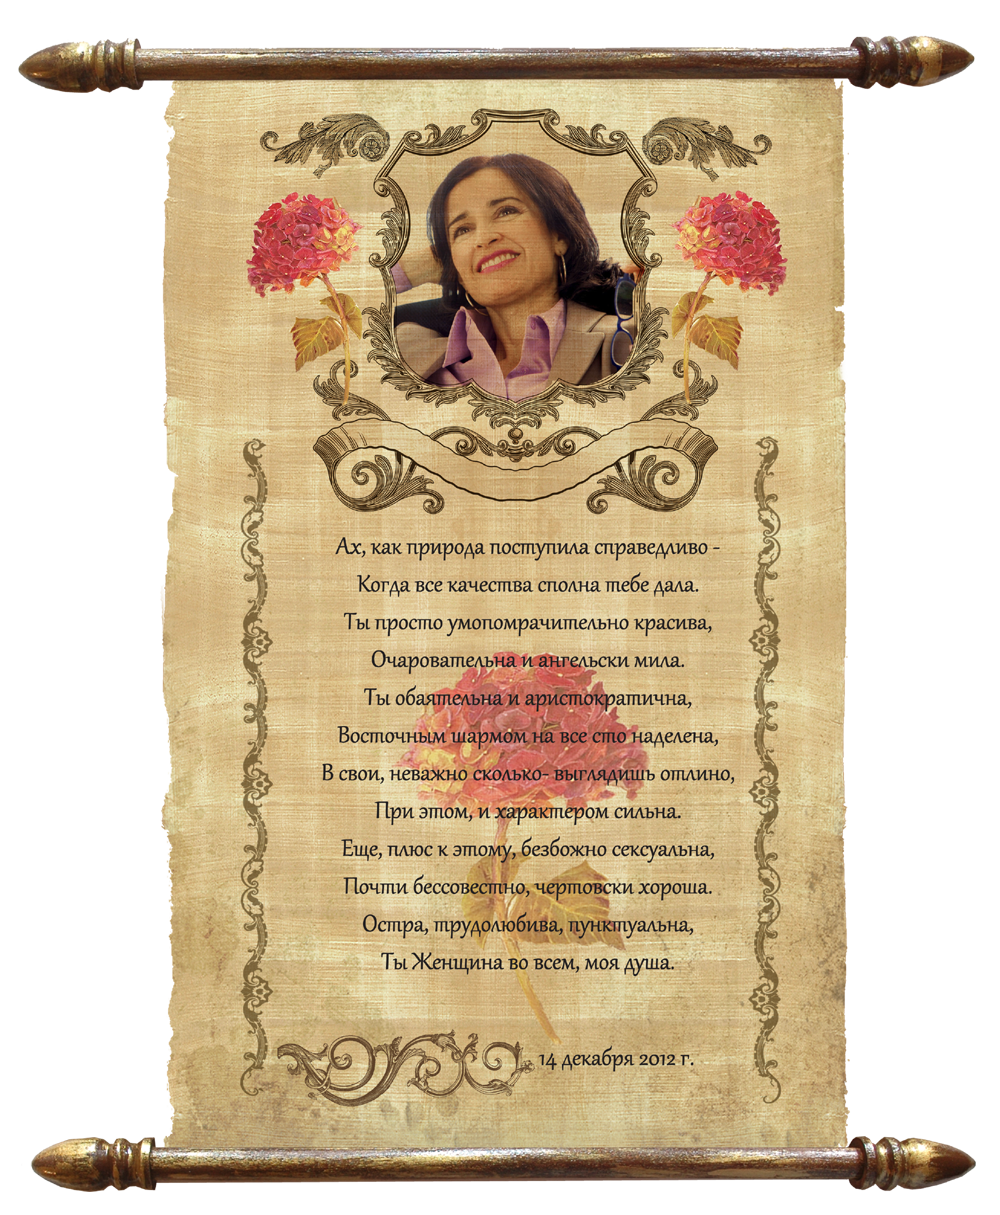 Поздравления к подаркам на юбилей женщине в стихах шуточные 210